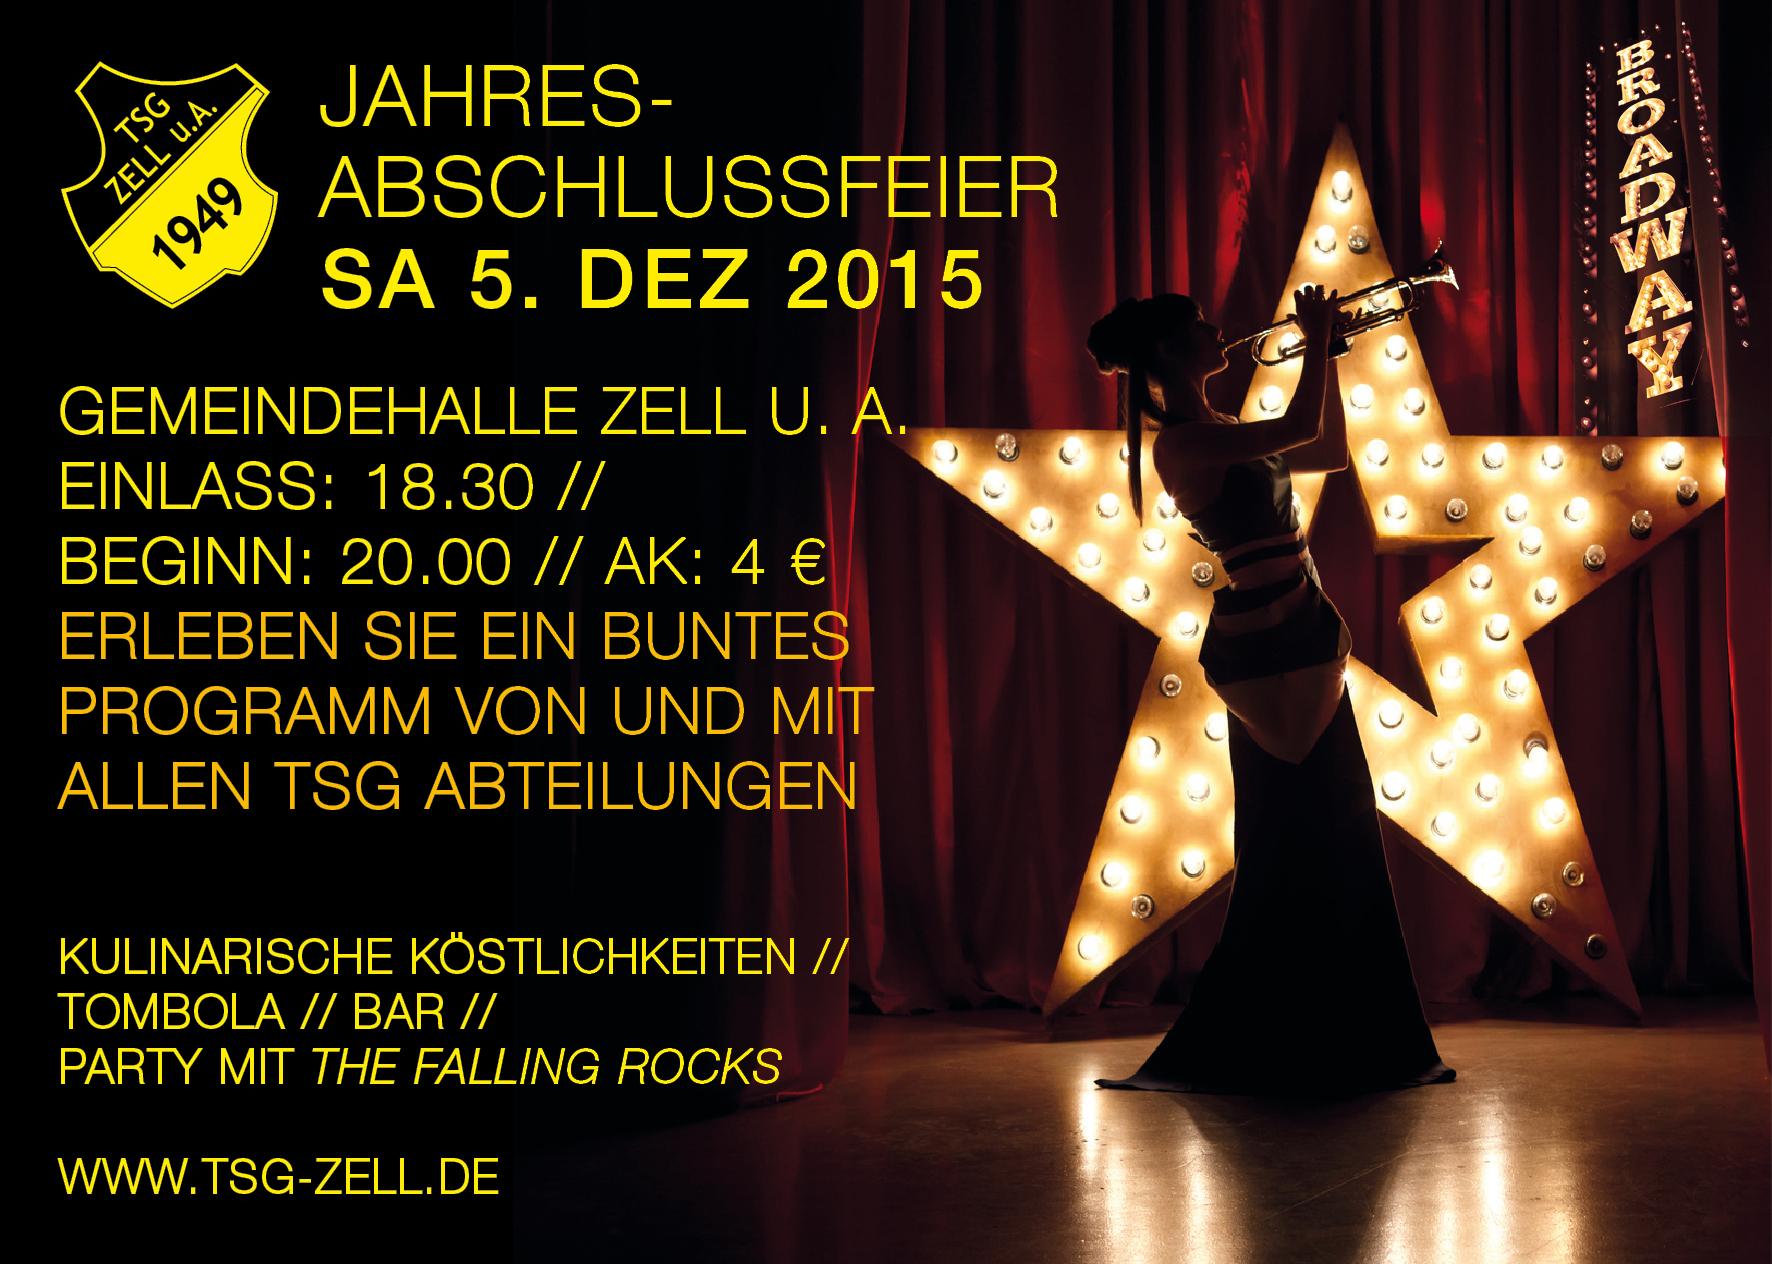 Flyer_2014_SA